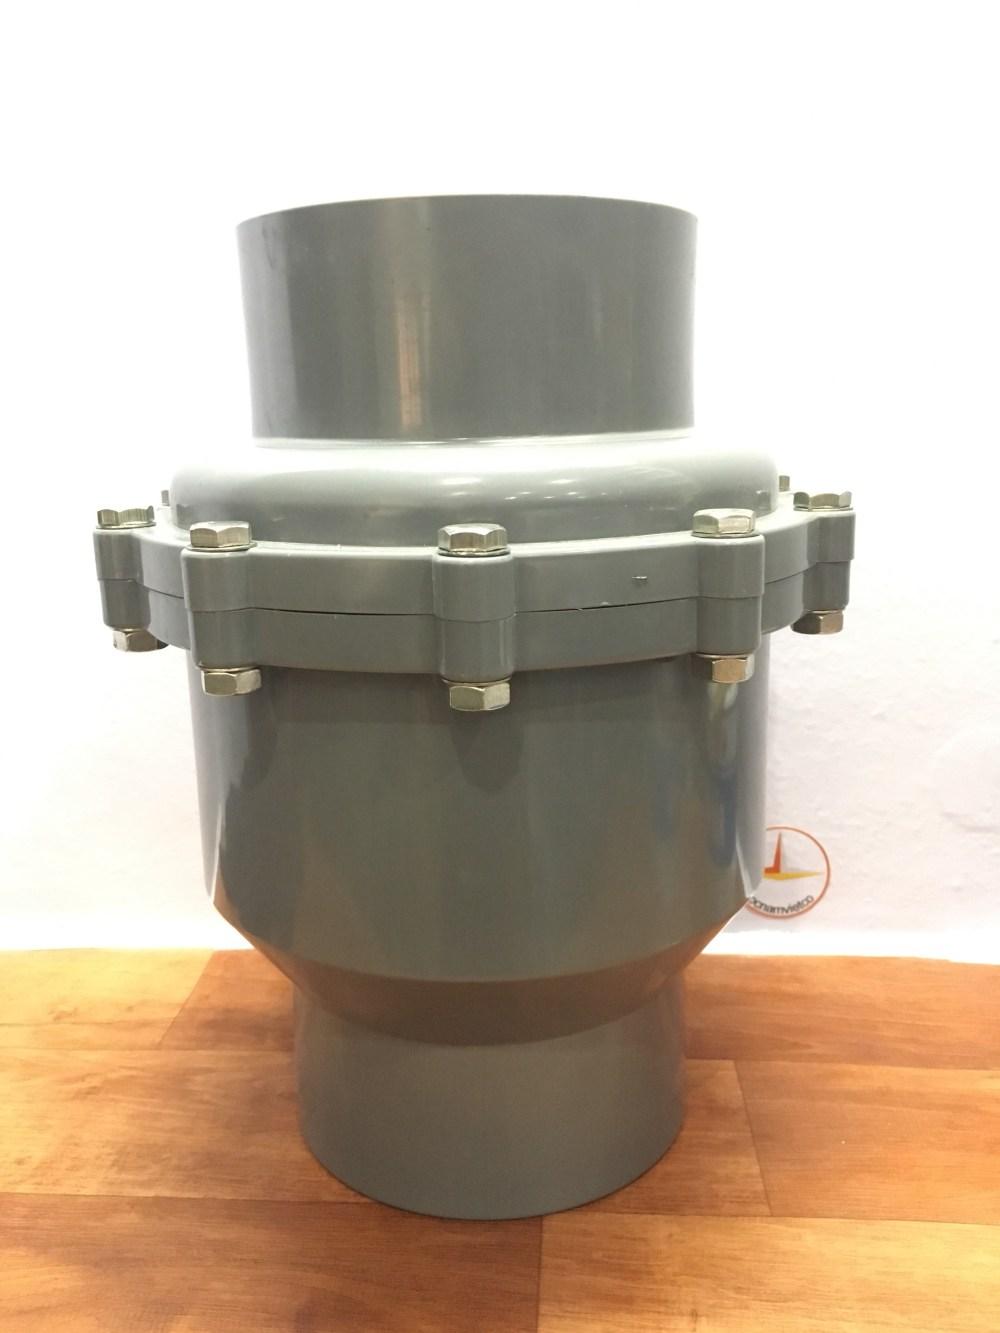 VAN 1 CHIEU 140 NHUA PVC (5)